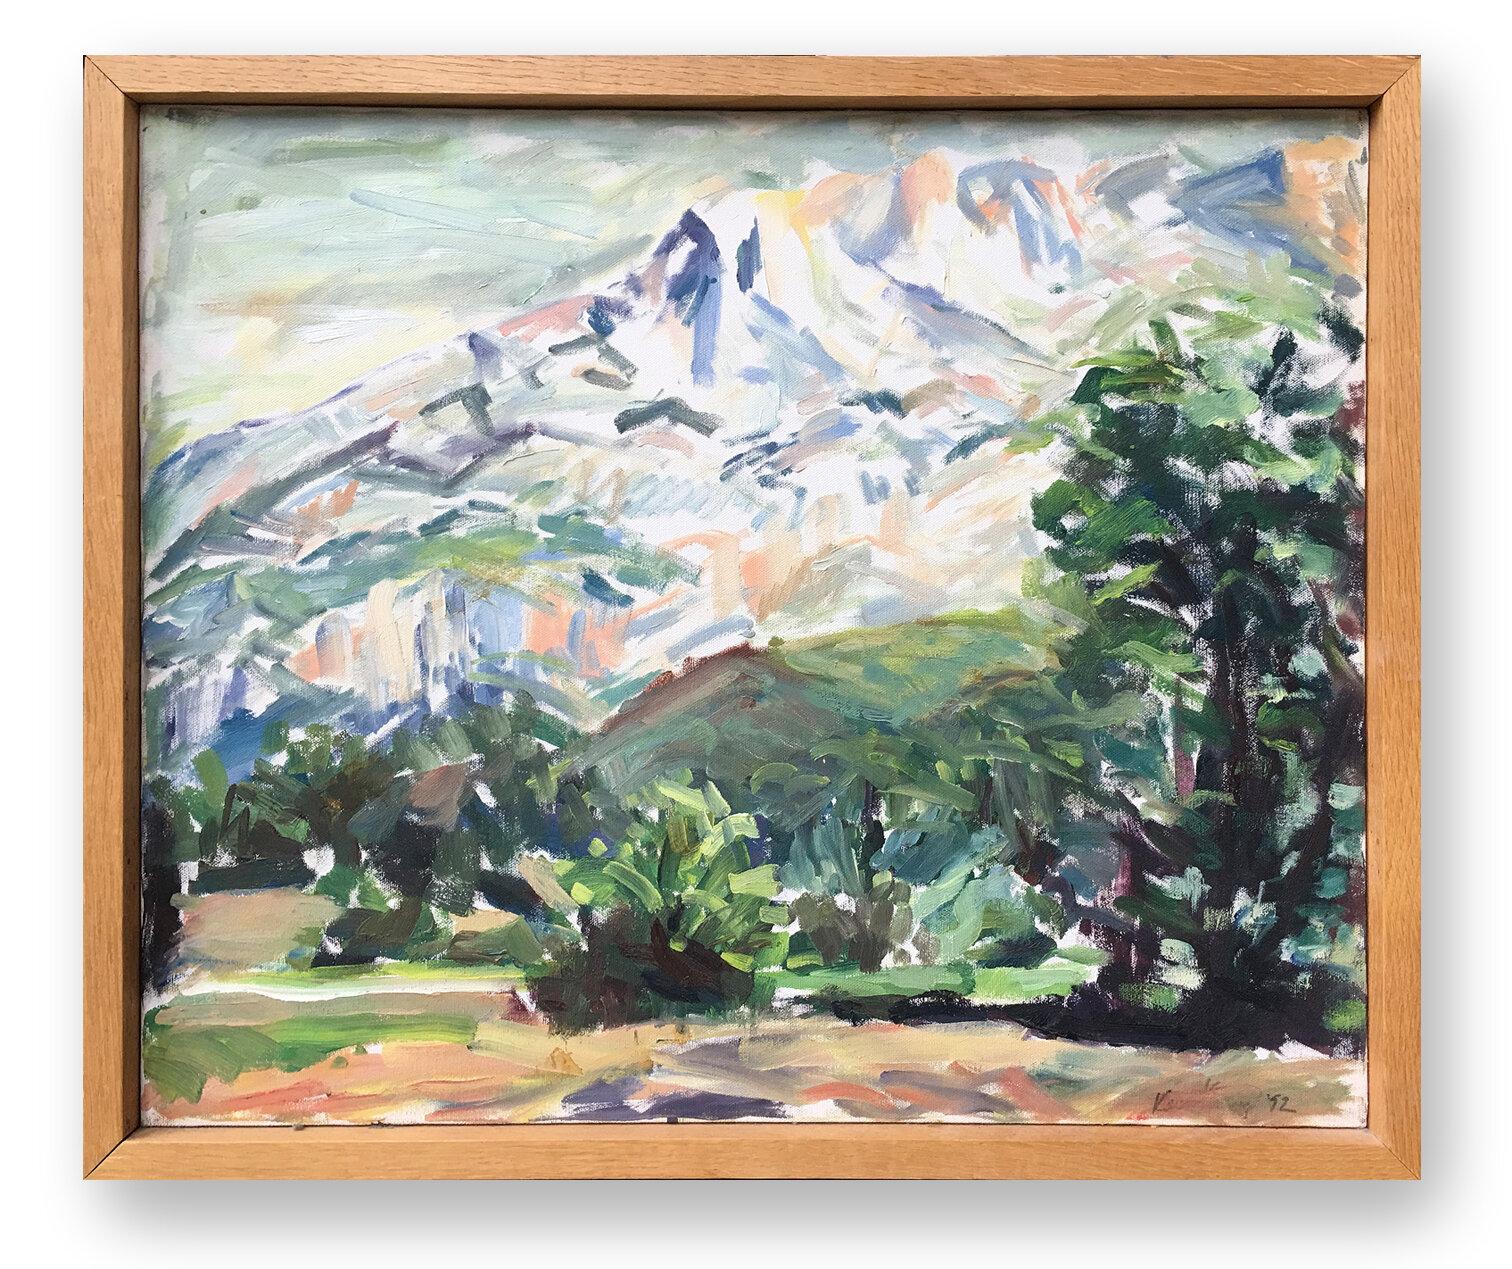 Karen Silve, Mont Sainte-Victoire, 1992